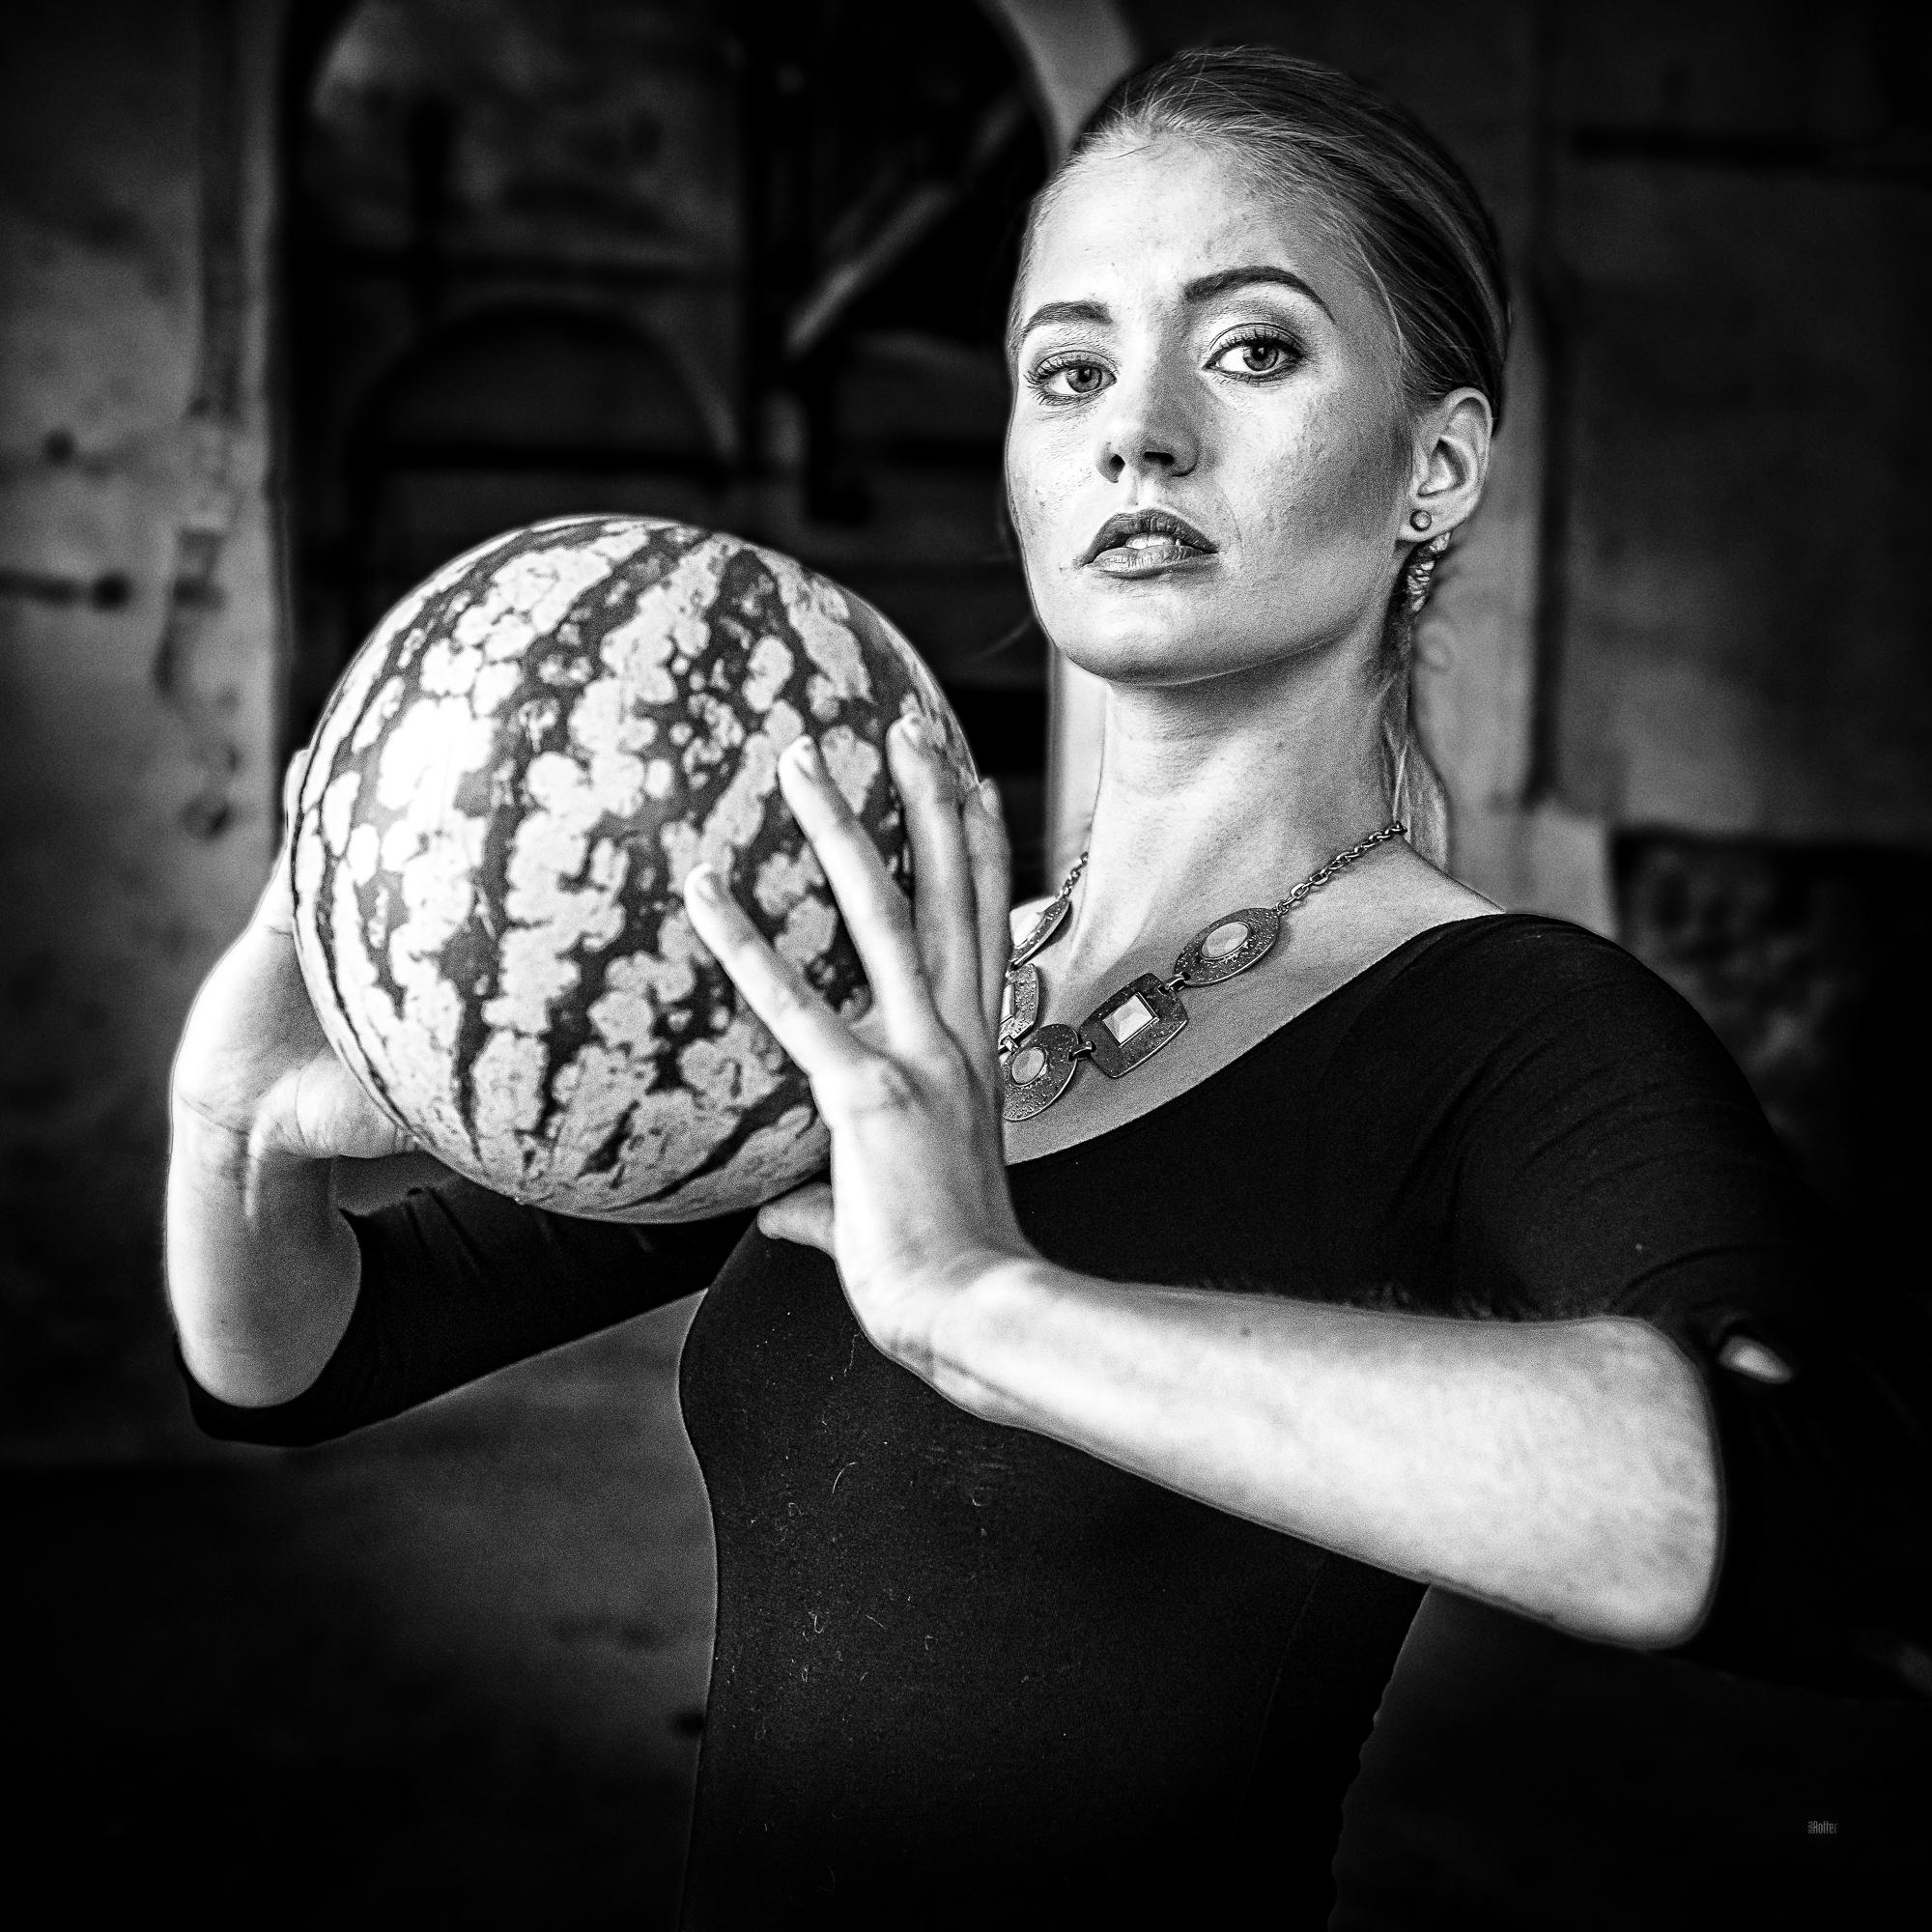 Lichtwert_Best-of_RasRotter_ Patricia opfert die heilige Melone 4824_sw_....jpg